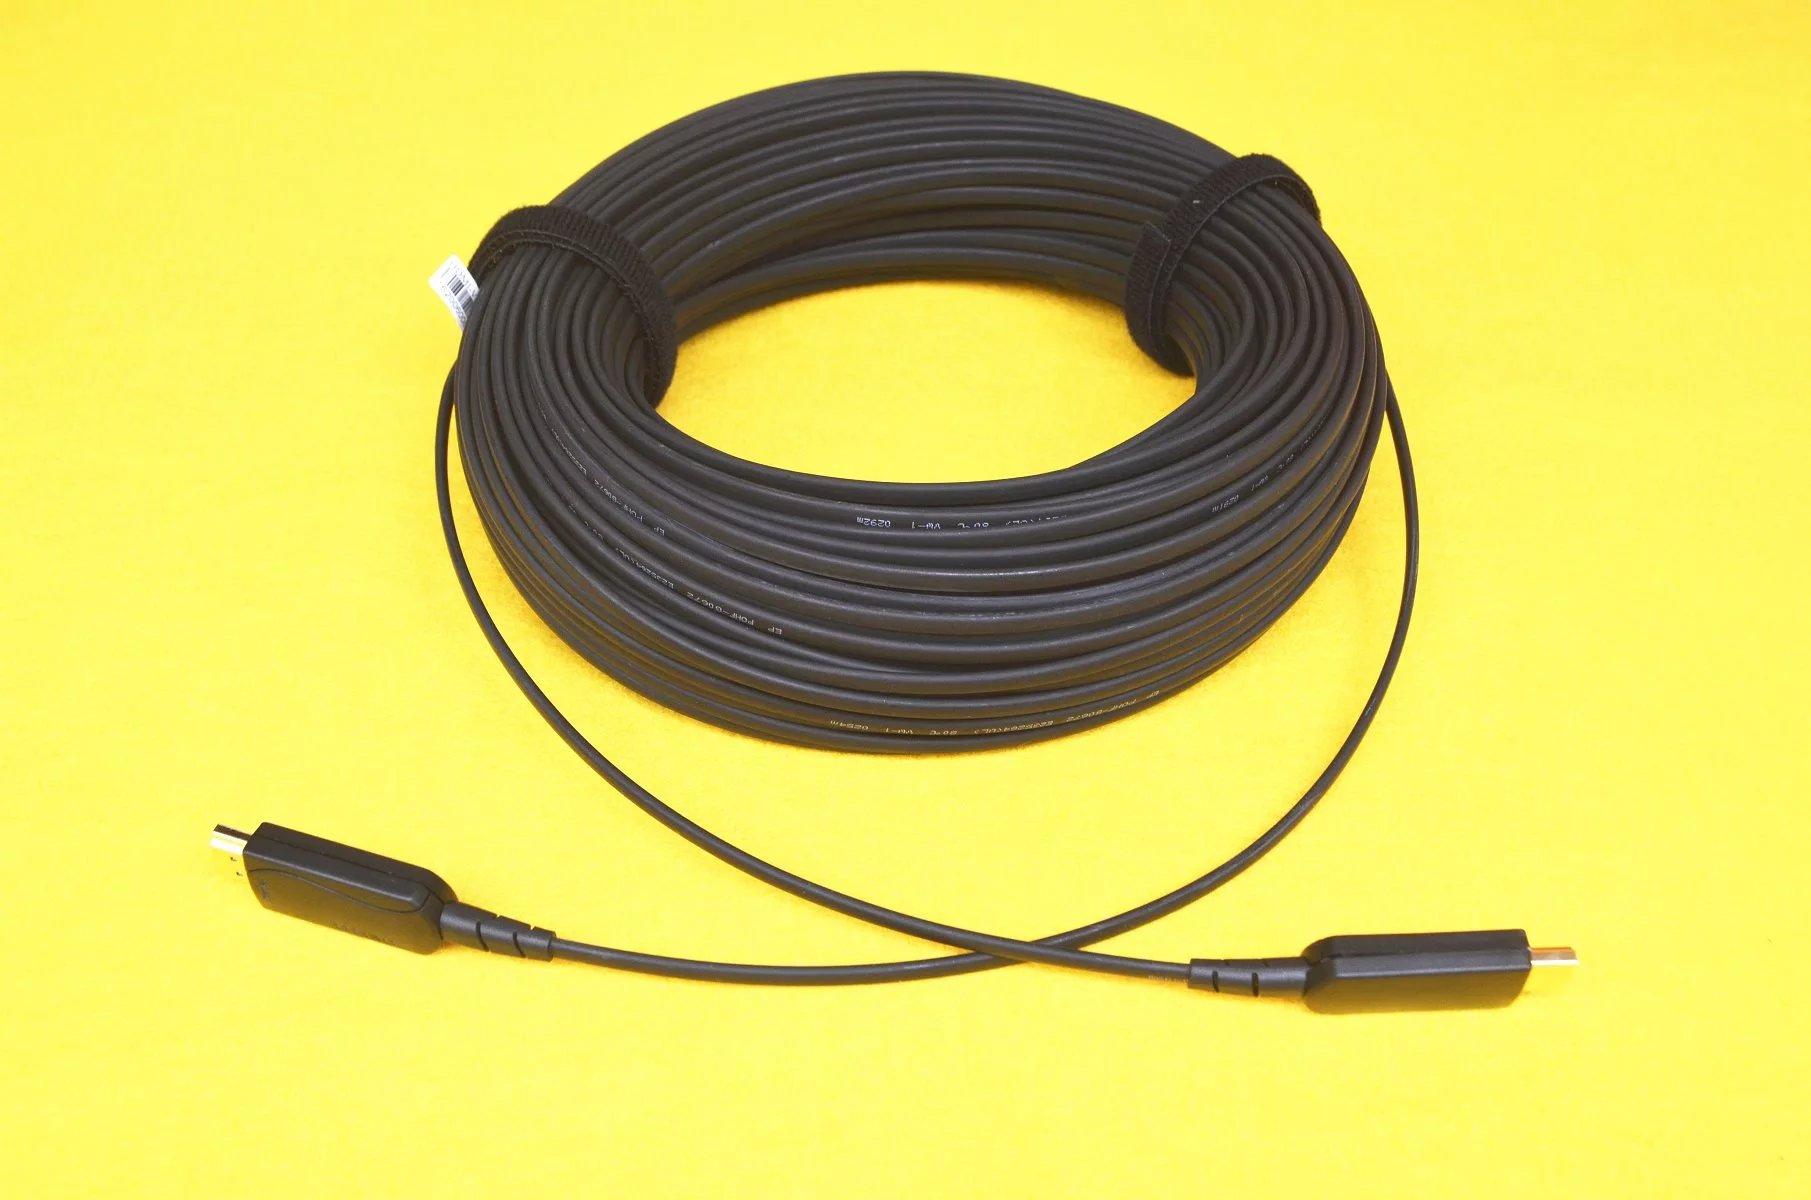 HDMI AOC fiber optic cable